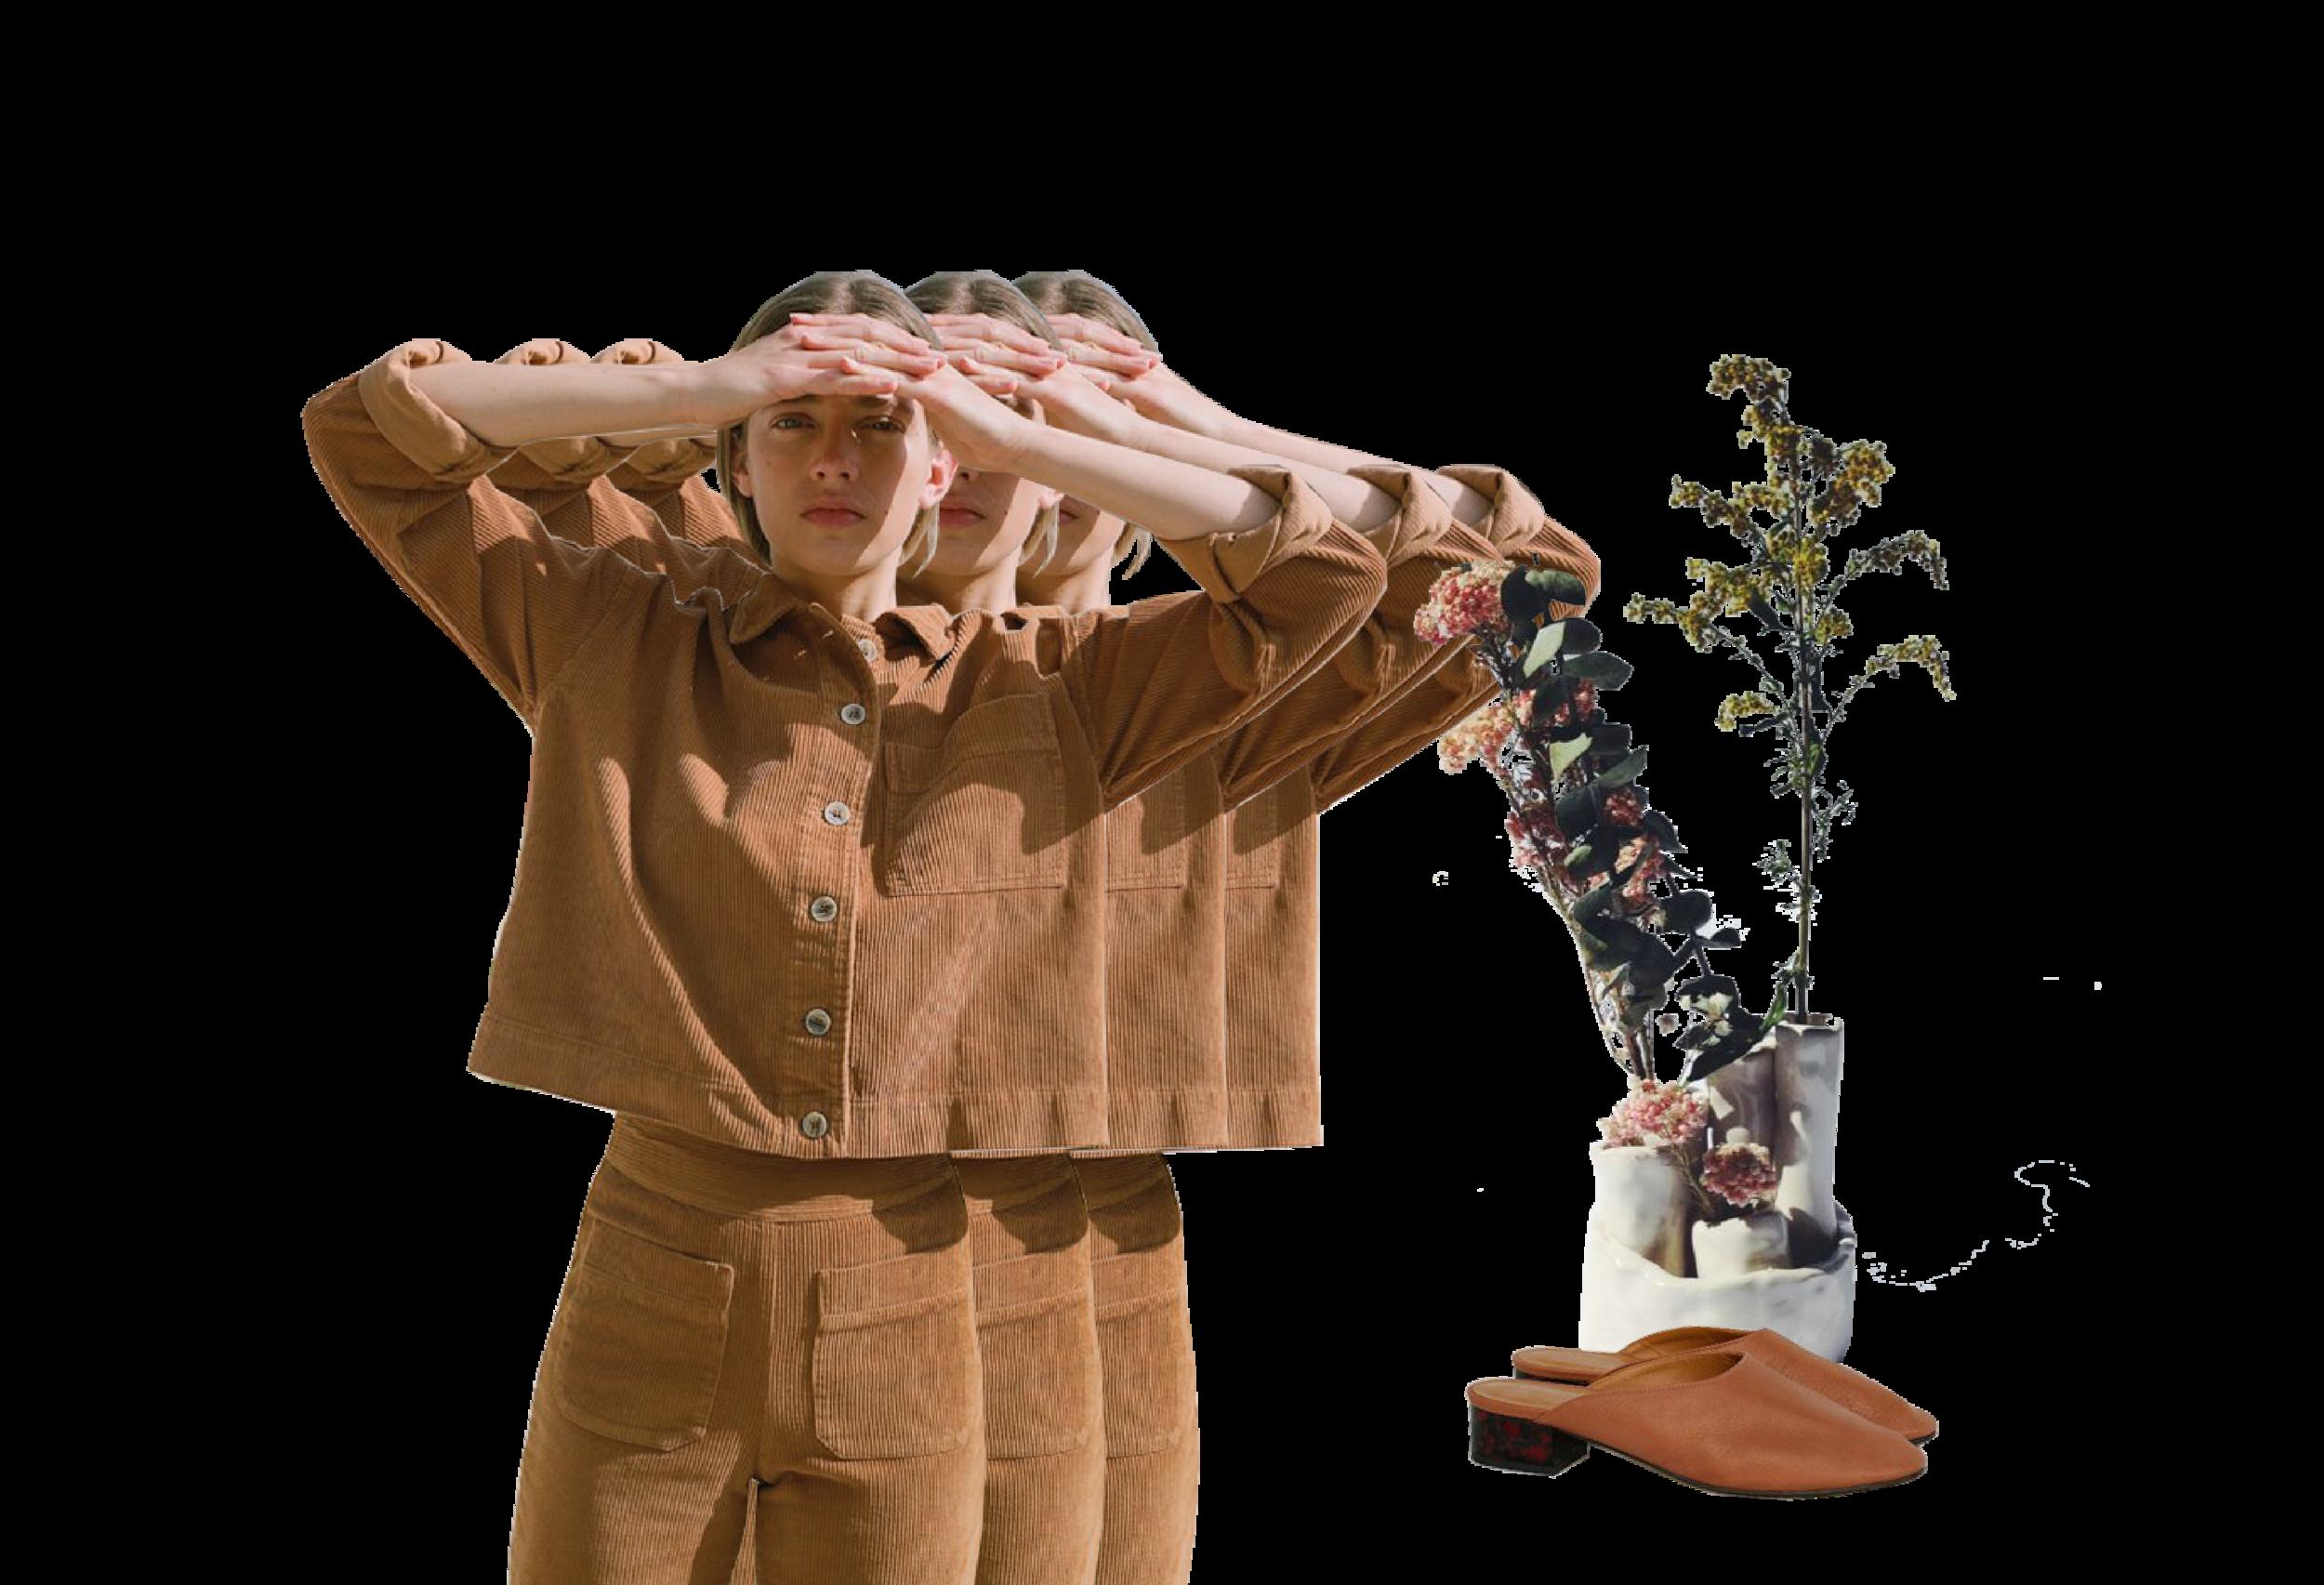 Ceramic/flower arrangement by Cassandra Tavukciyan